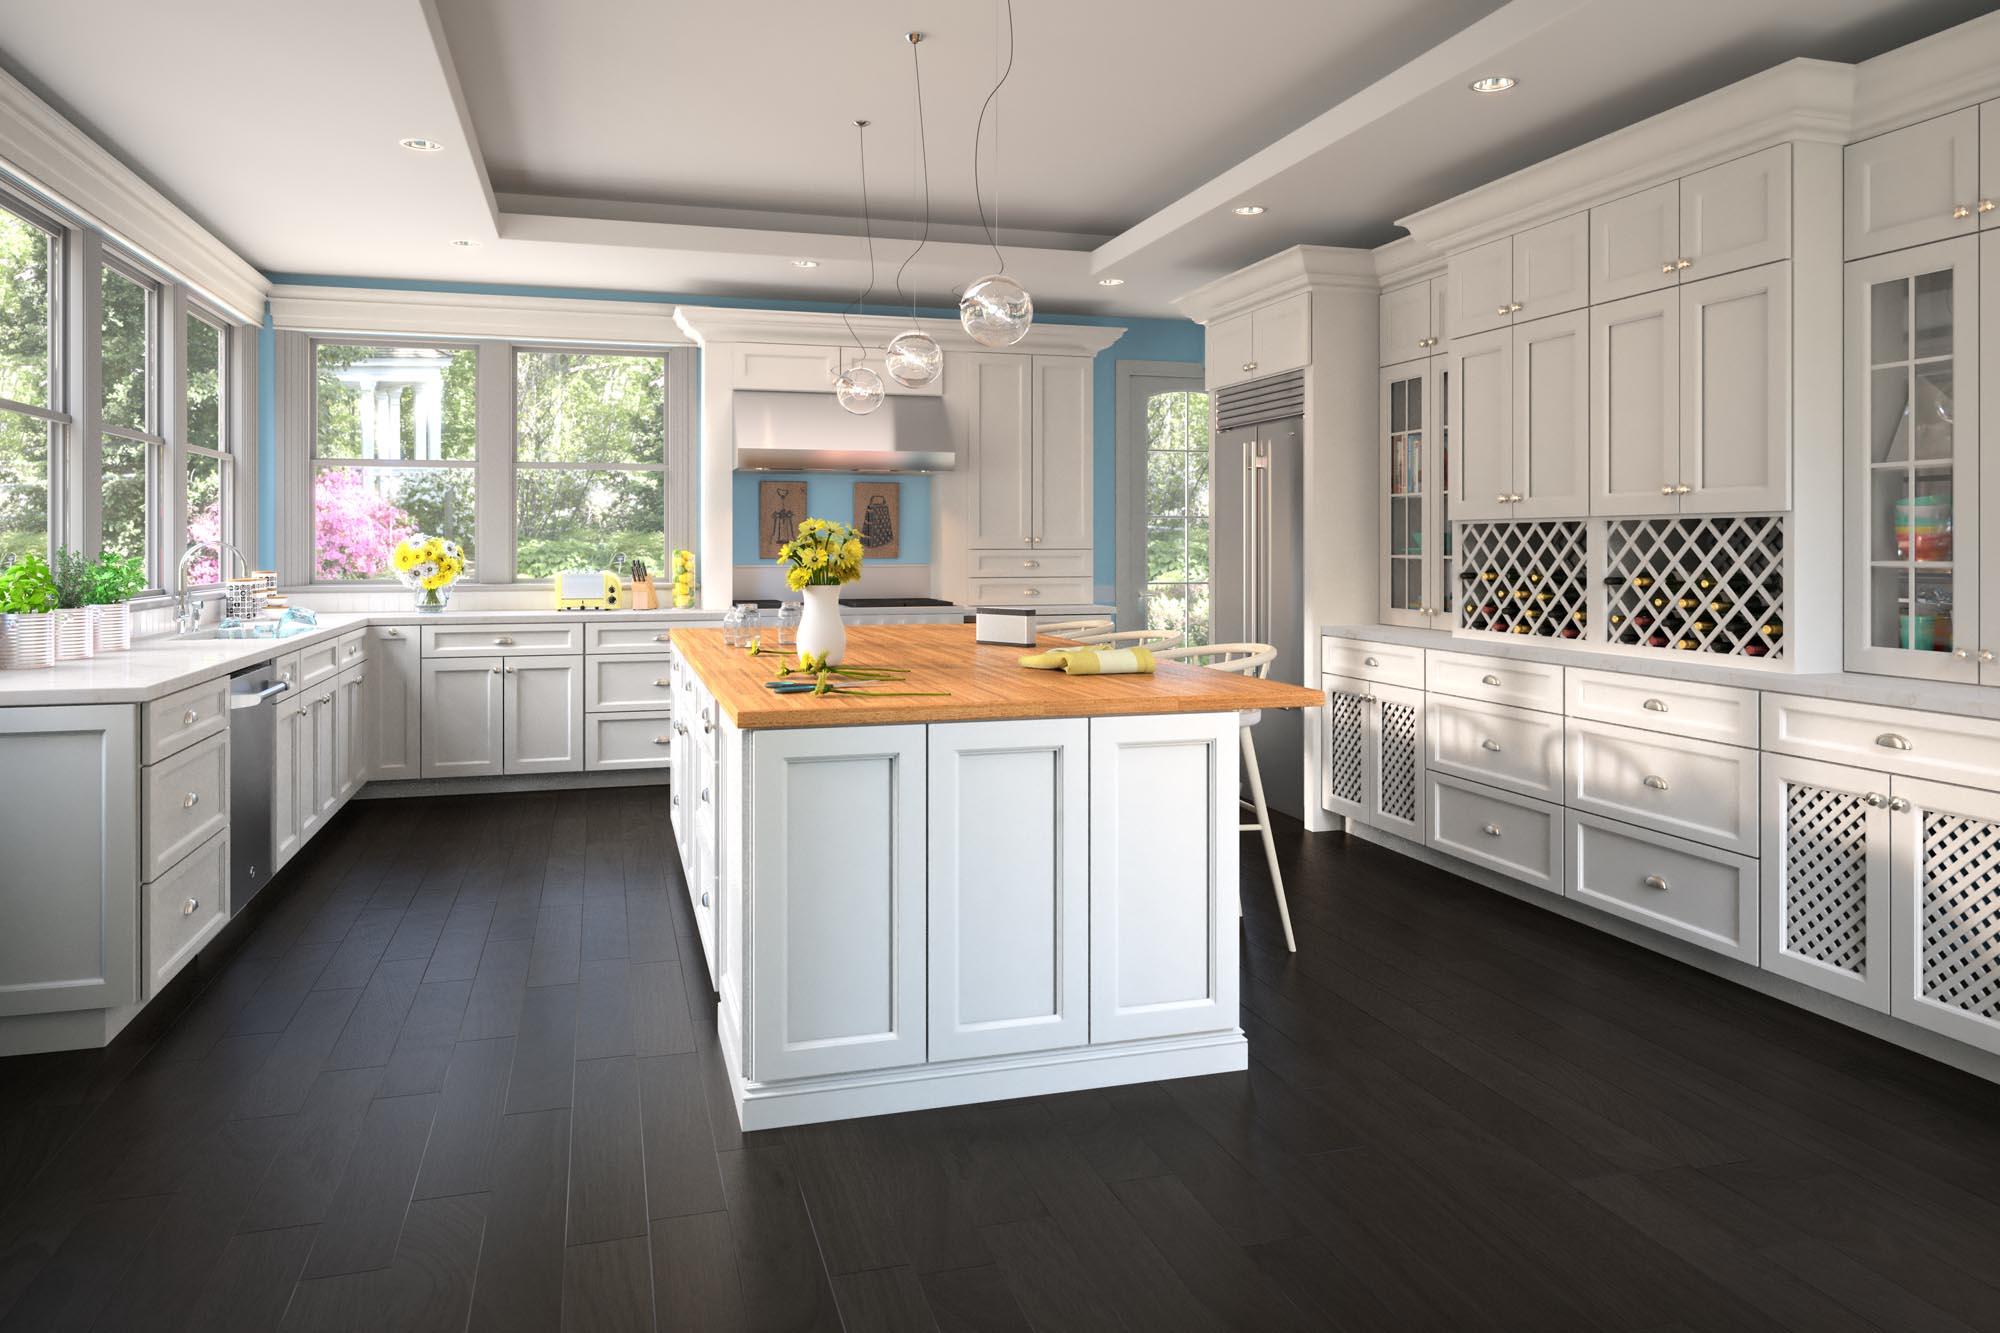 white_kitchen_cabinets_dark_floor